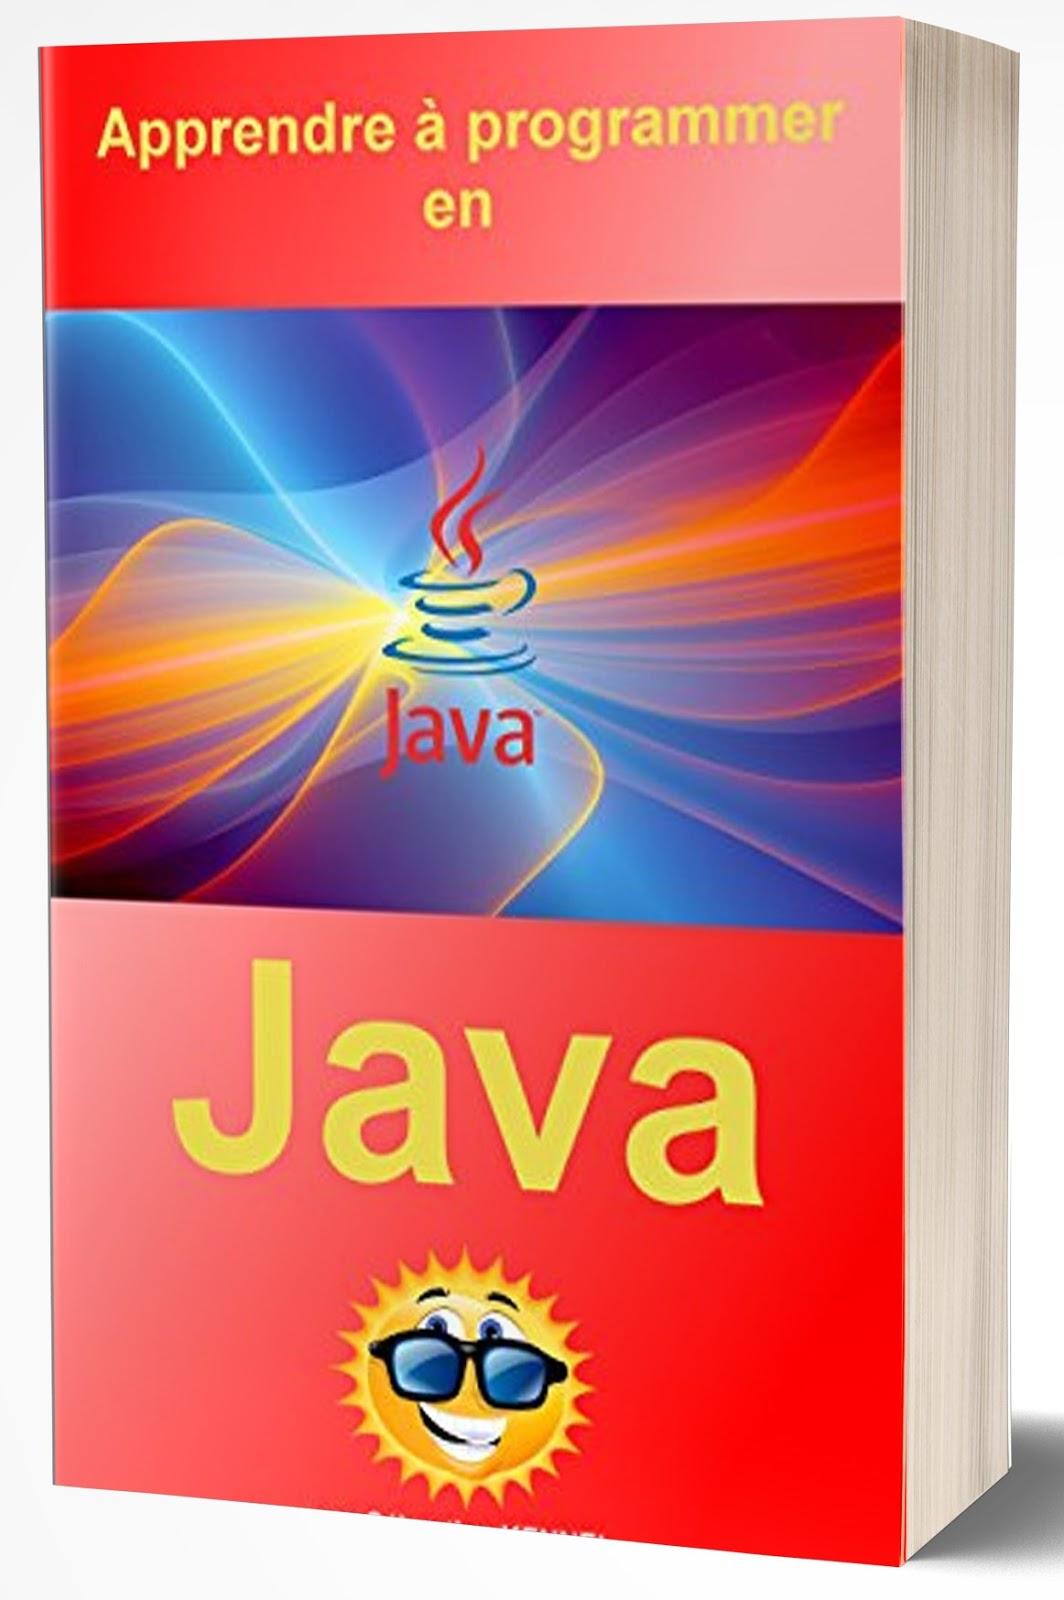 كتاب تعلم لغة الجافا